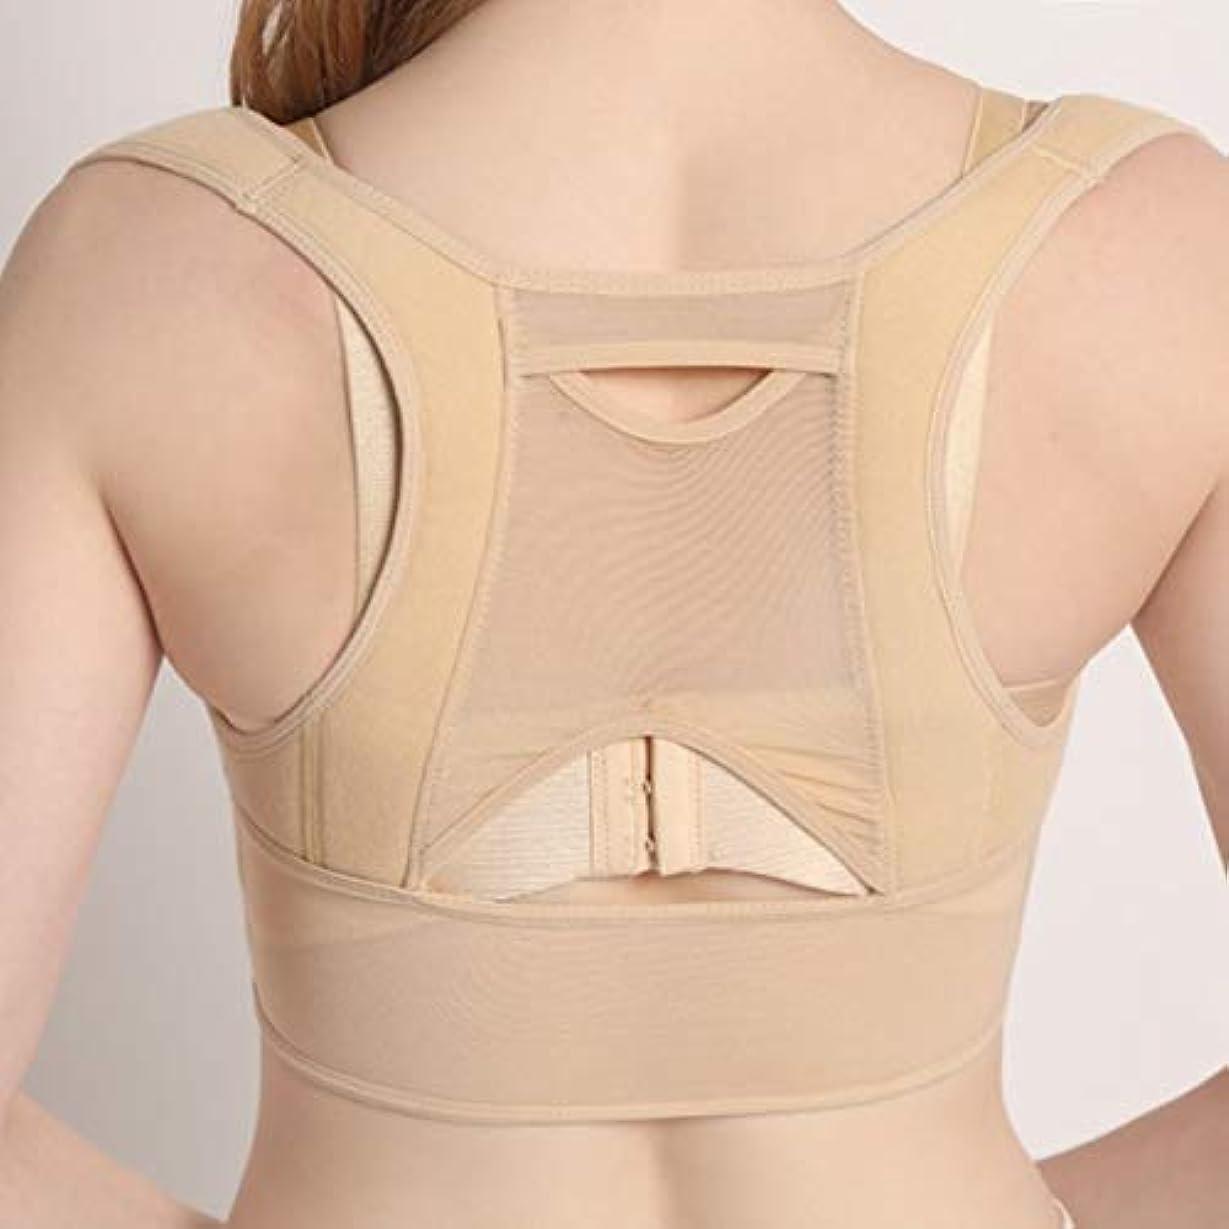 同化するナンセンス権利を与える通気性のある女性の背中の姿勢矯正コルセット整形外科の背中の肩の背骨の姿勢矯正腰椎サポート - ベージュホワイトL